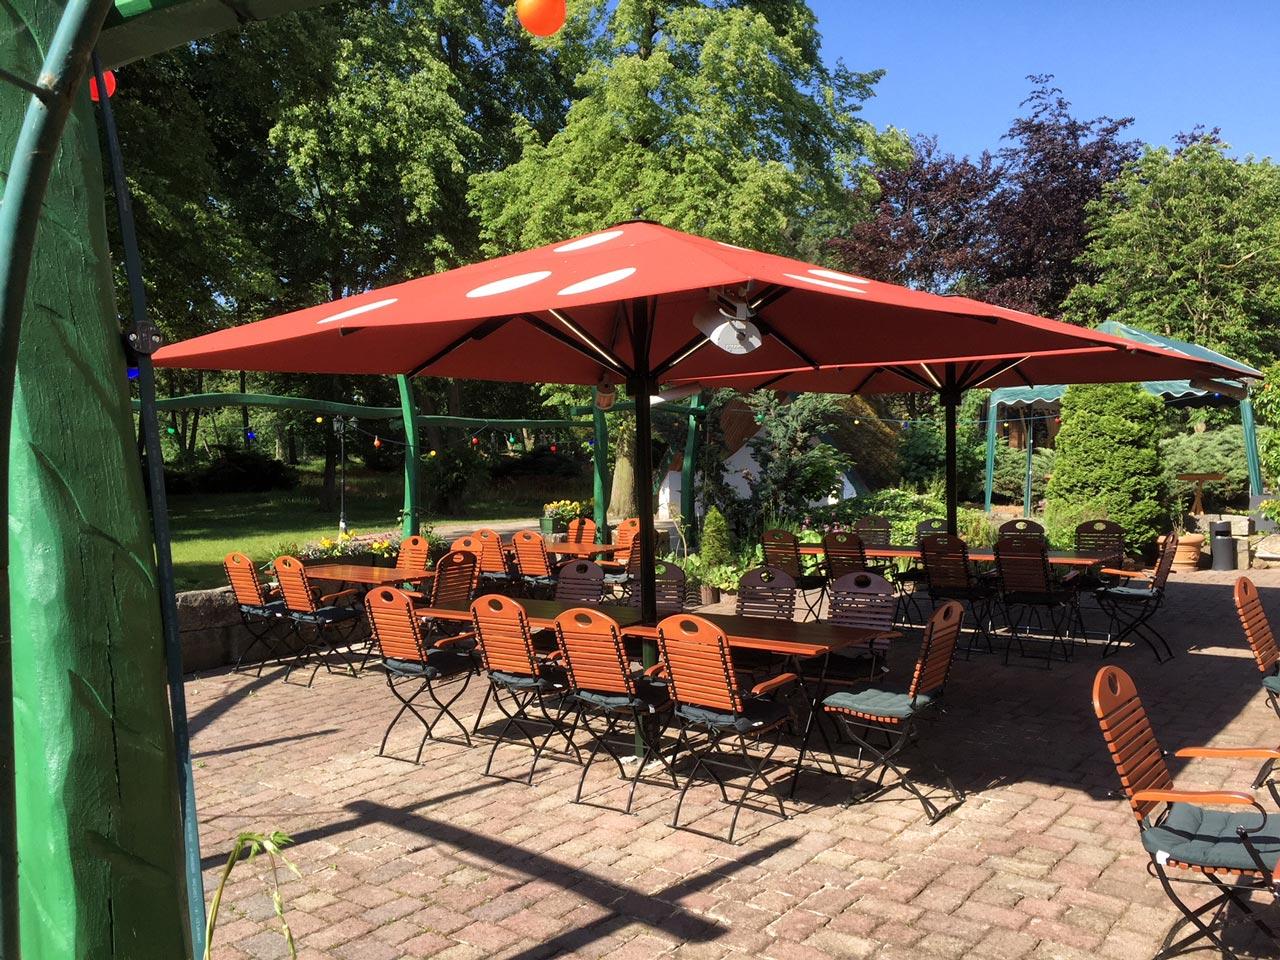 Parkgaststätte Laucha - Biergarten im Sommer